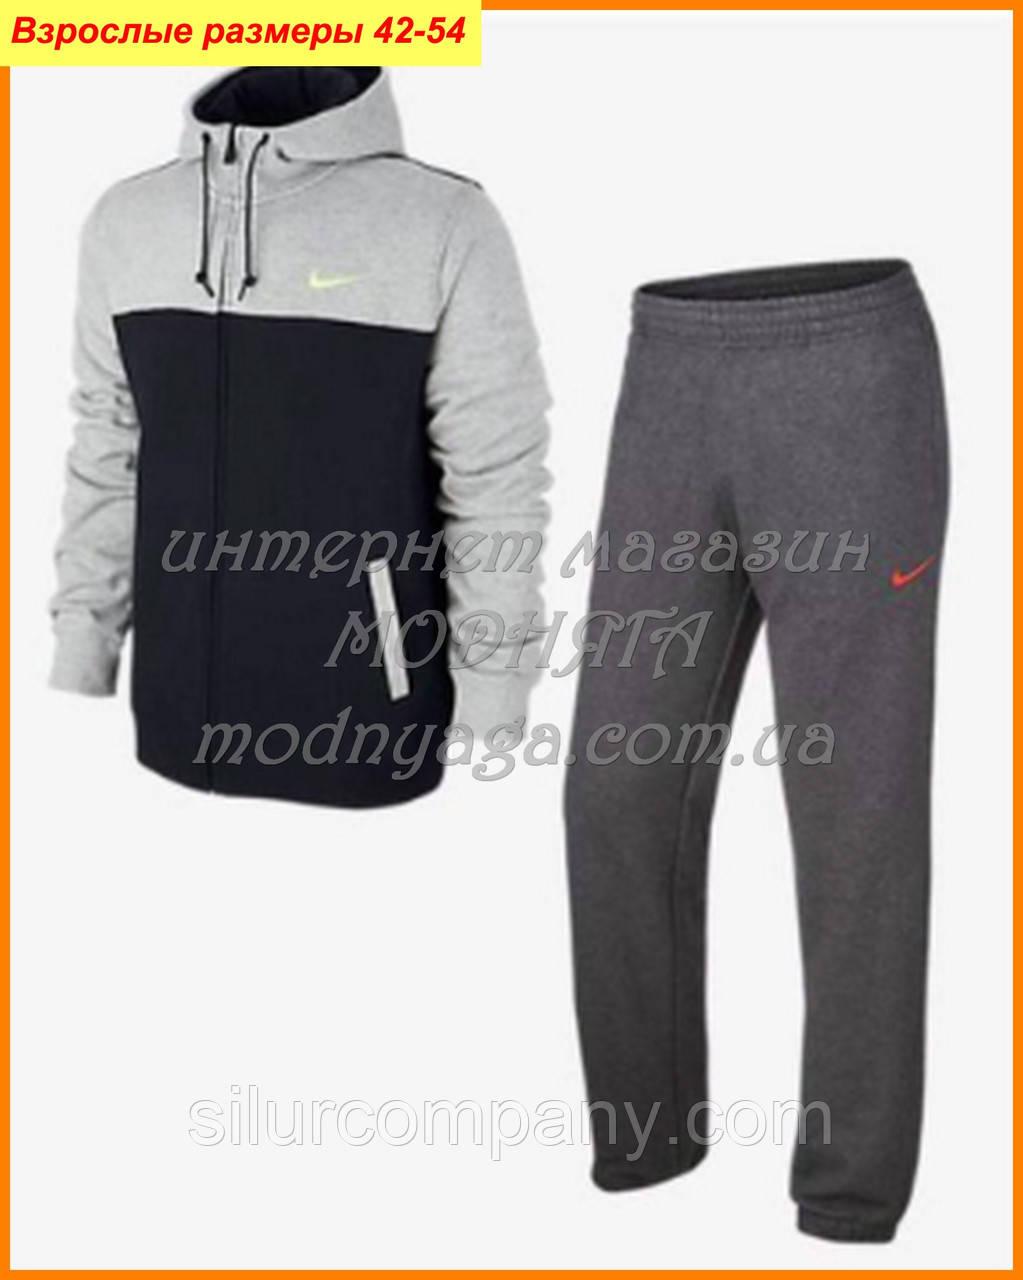 0dced8ac Спортивные костюмы мужские nike - Интернет магазин